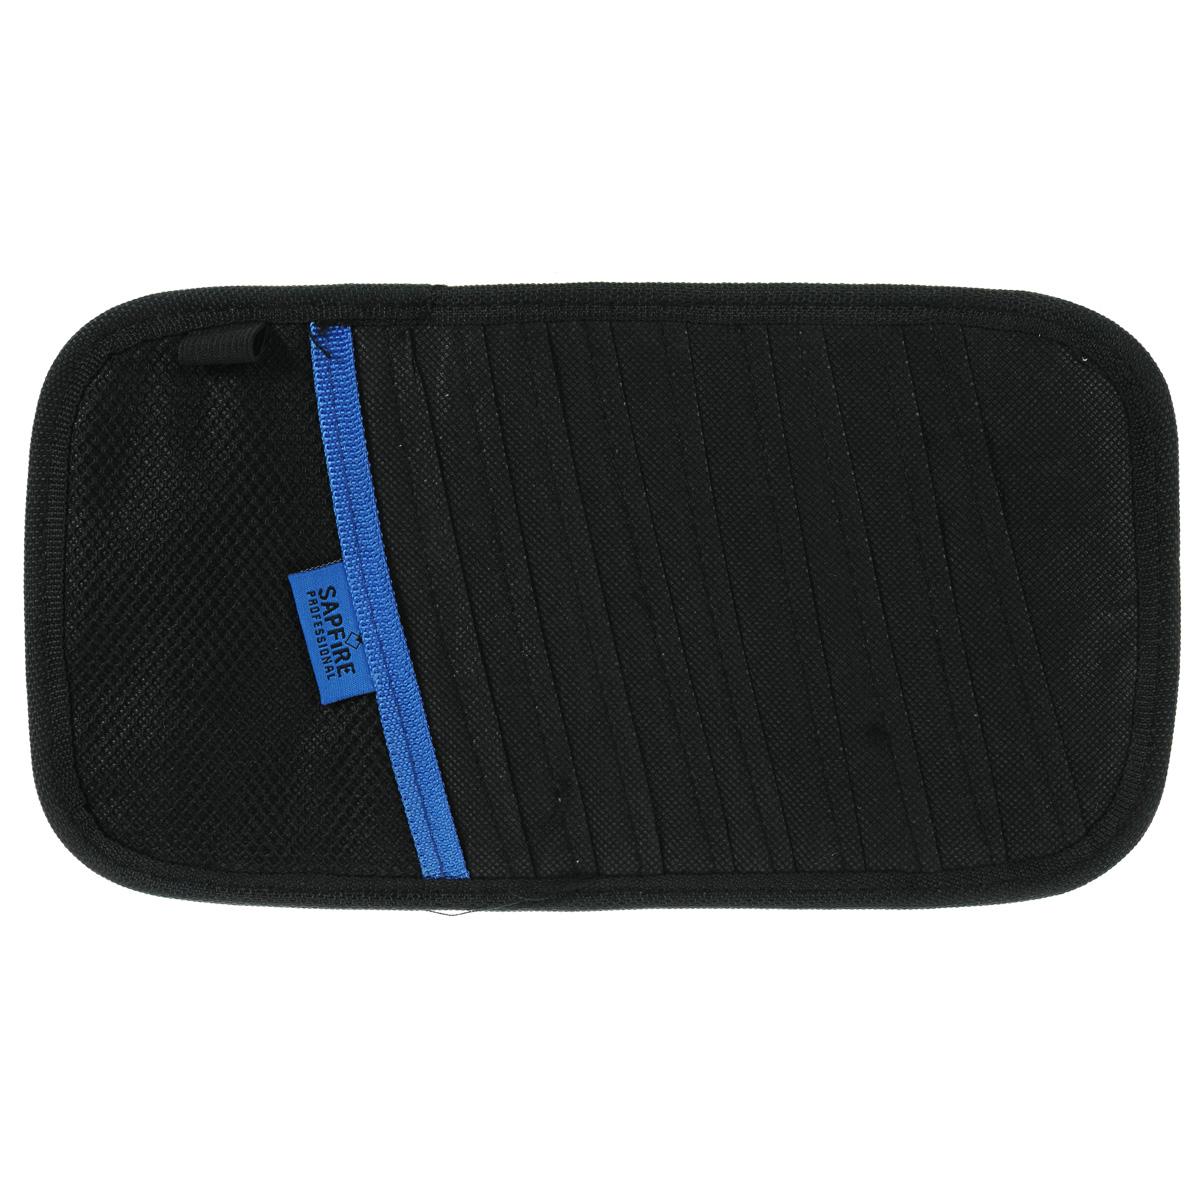 Карман для дисков на козырек Sapfire, 10 дисков96515412Карман Sapfire вмещает 10 дисков. Удобное и функциональное хранение. Мягкий материал не повреждает диски. Дополнительный карман позволяет хранить перед глазами разнообразные мелочи. Состав: нетканый материал, полиэстер.